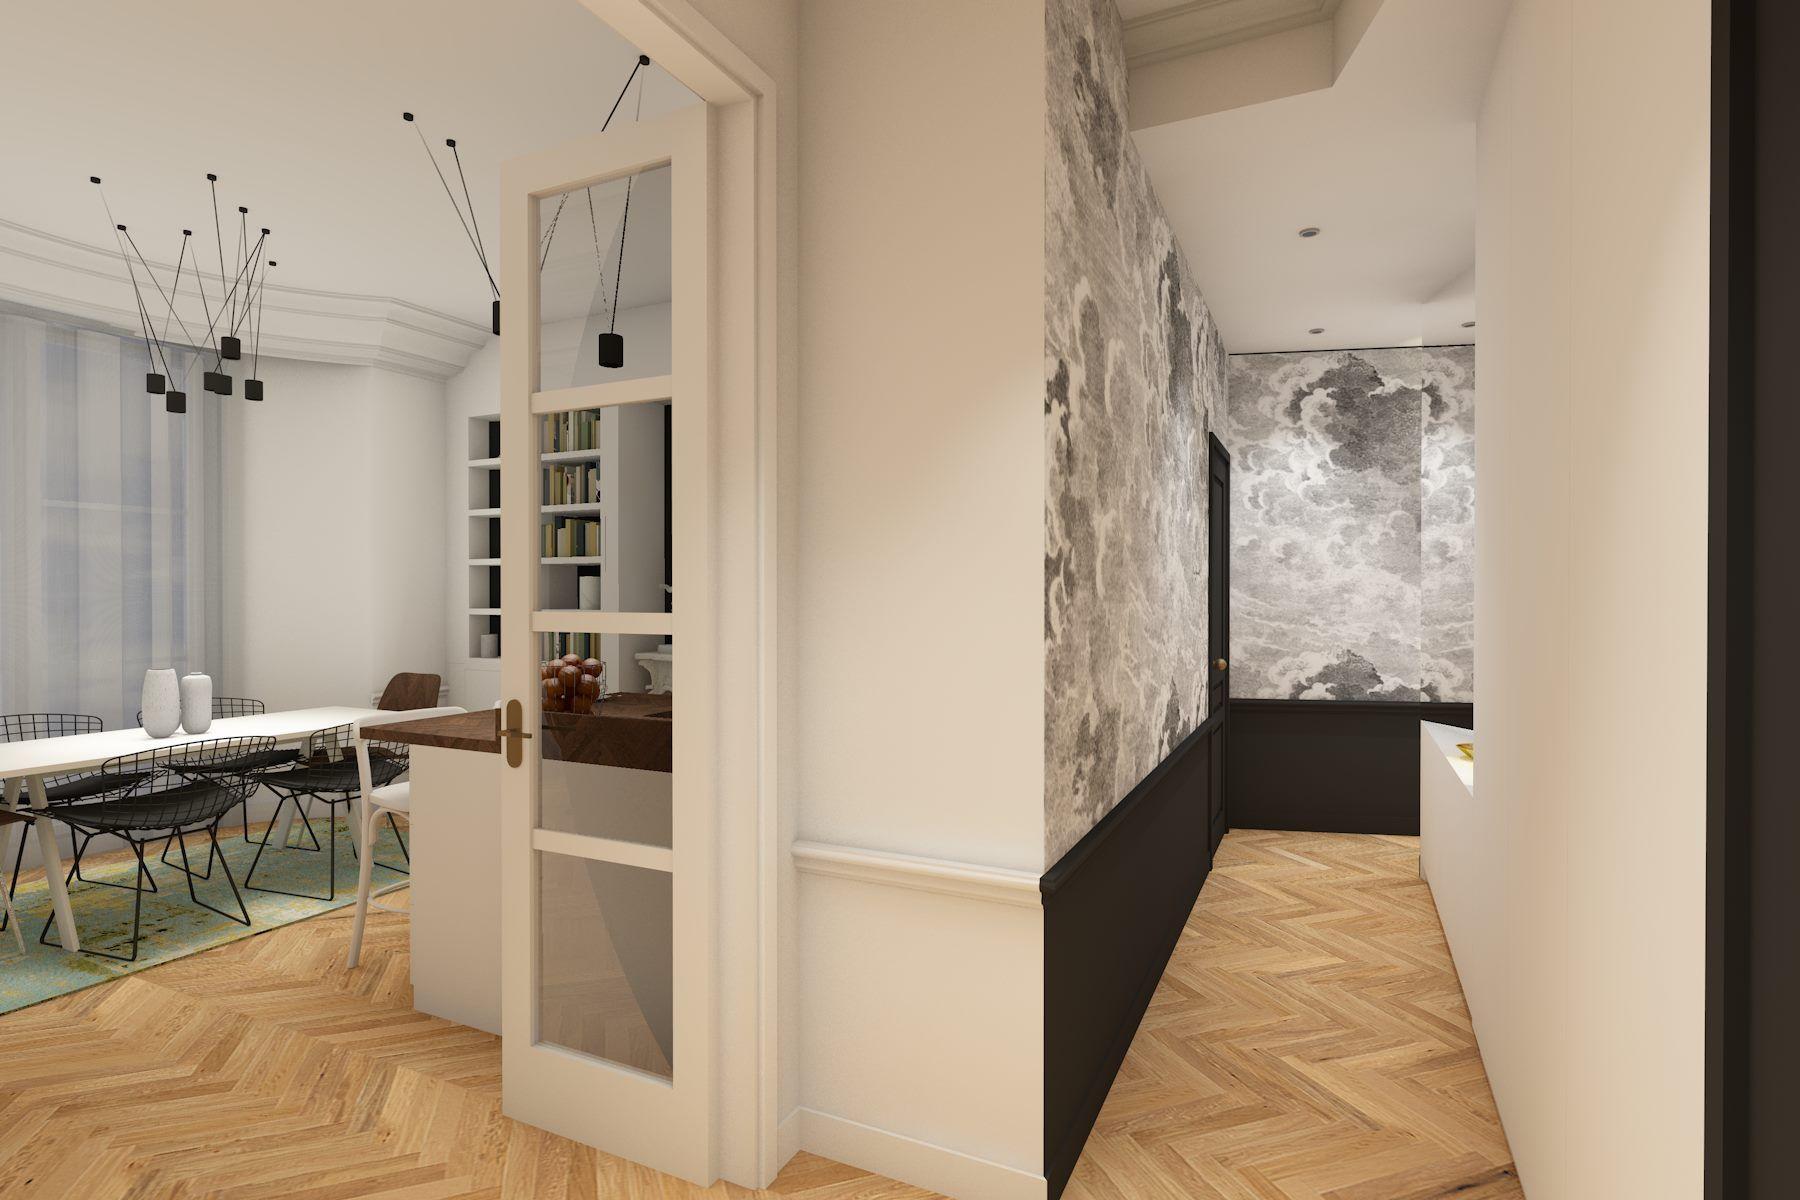 Papier Peint Noir Et Blanc Graphique couloir avec papier peint graphique noir et blanc | appart